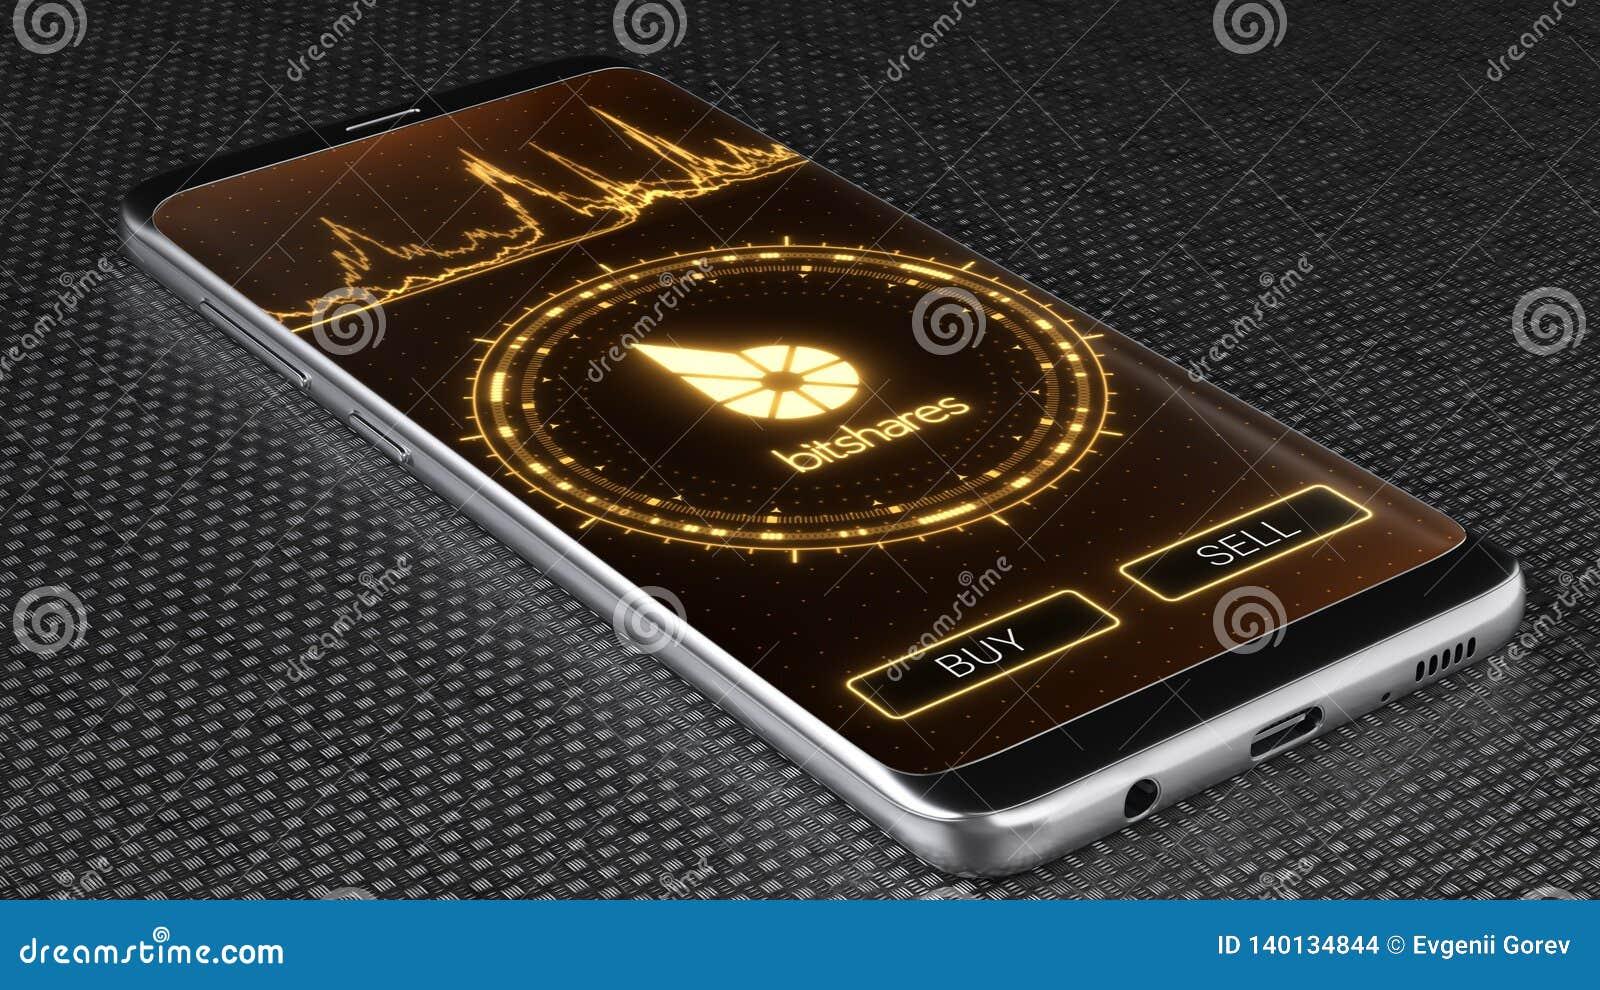 Het symbool van Bitsharescryptocurrency op het mobiele toepassingscherm 3D Illustratie